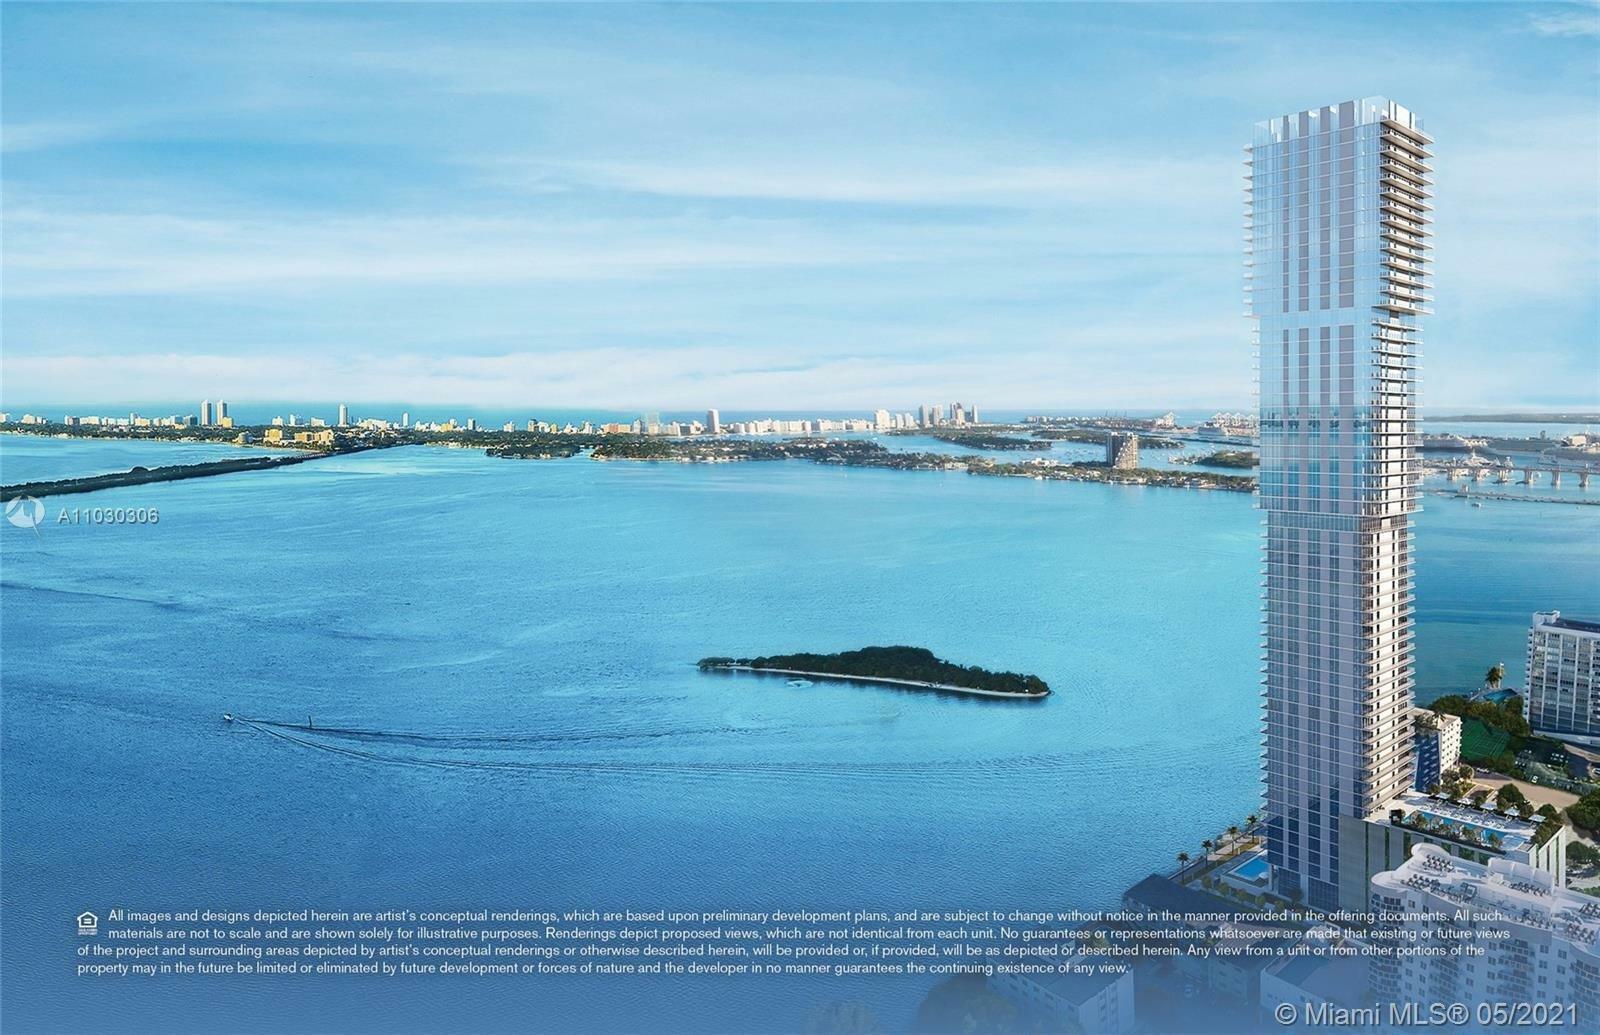 Condo in Miami, Florida, United States 1 - 11481669